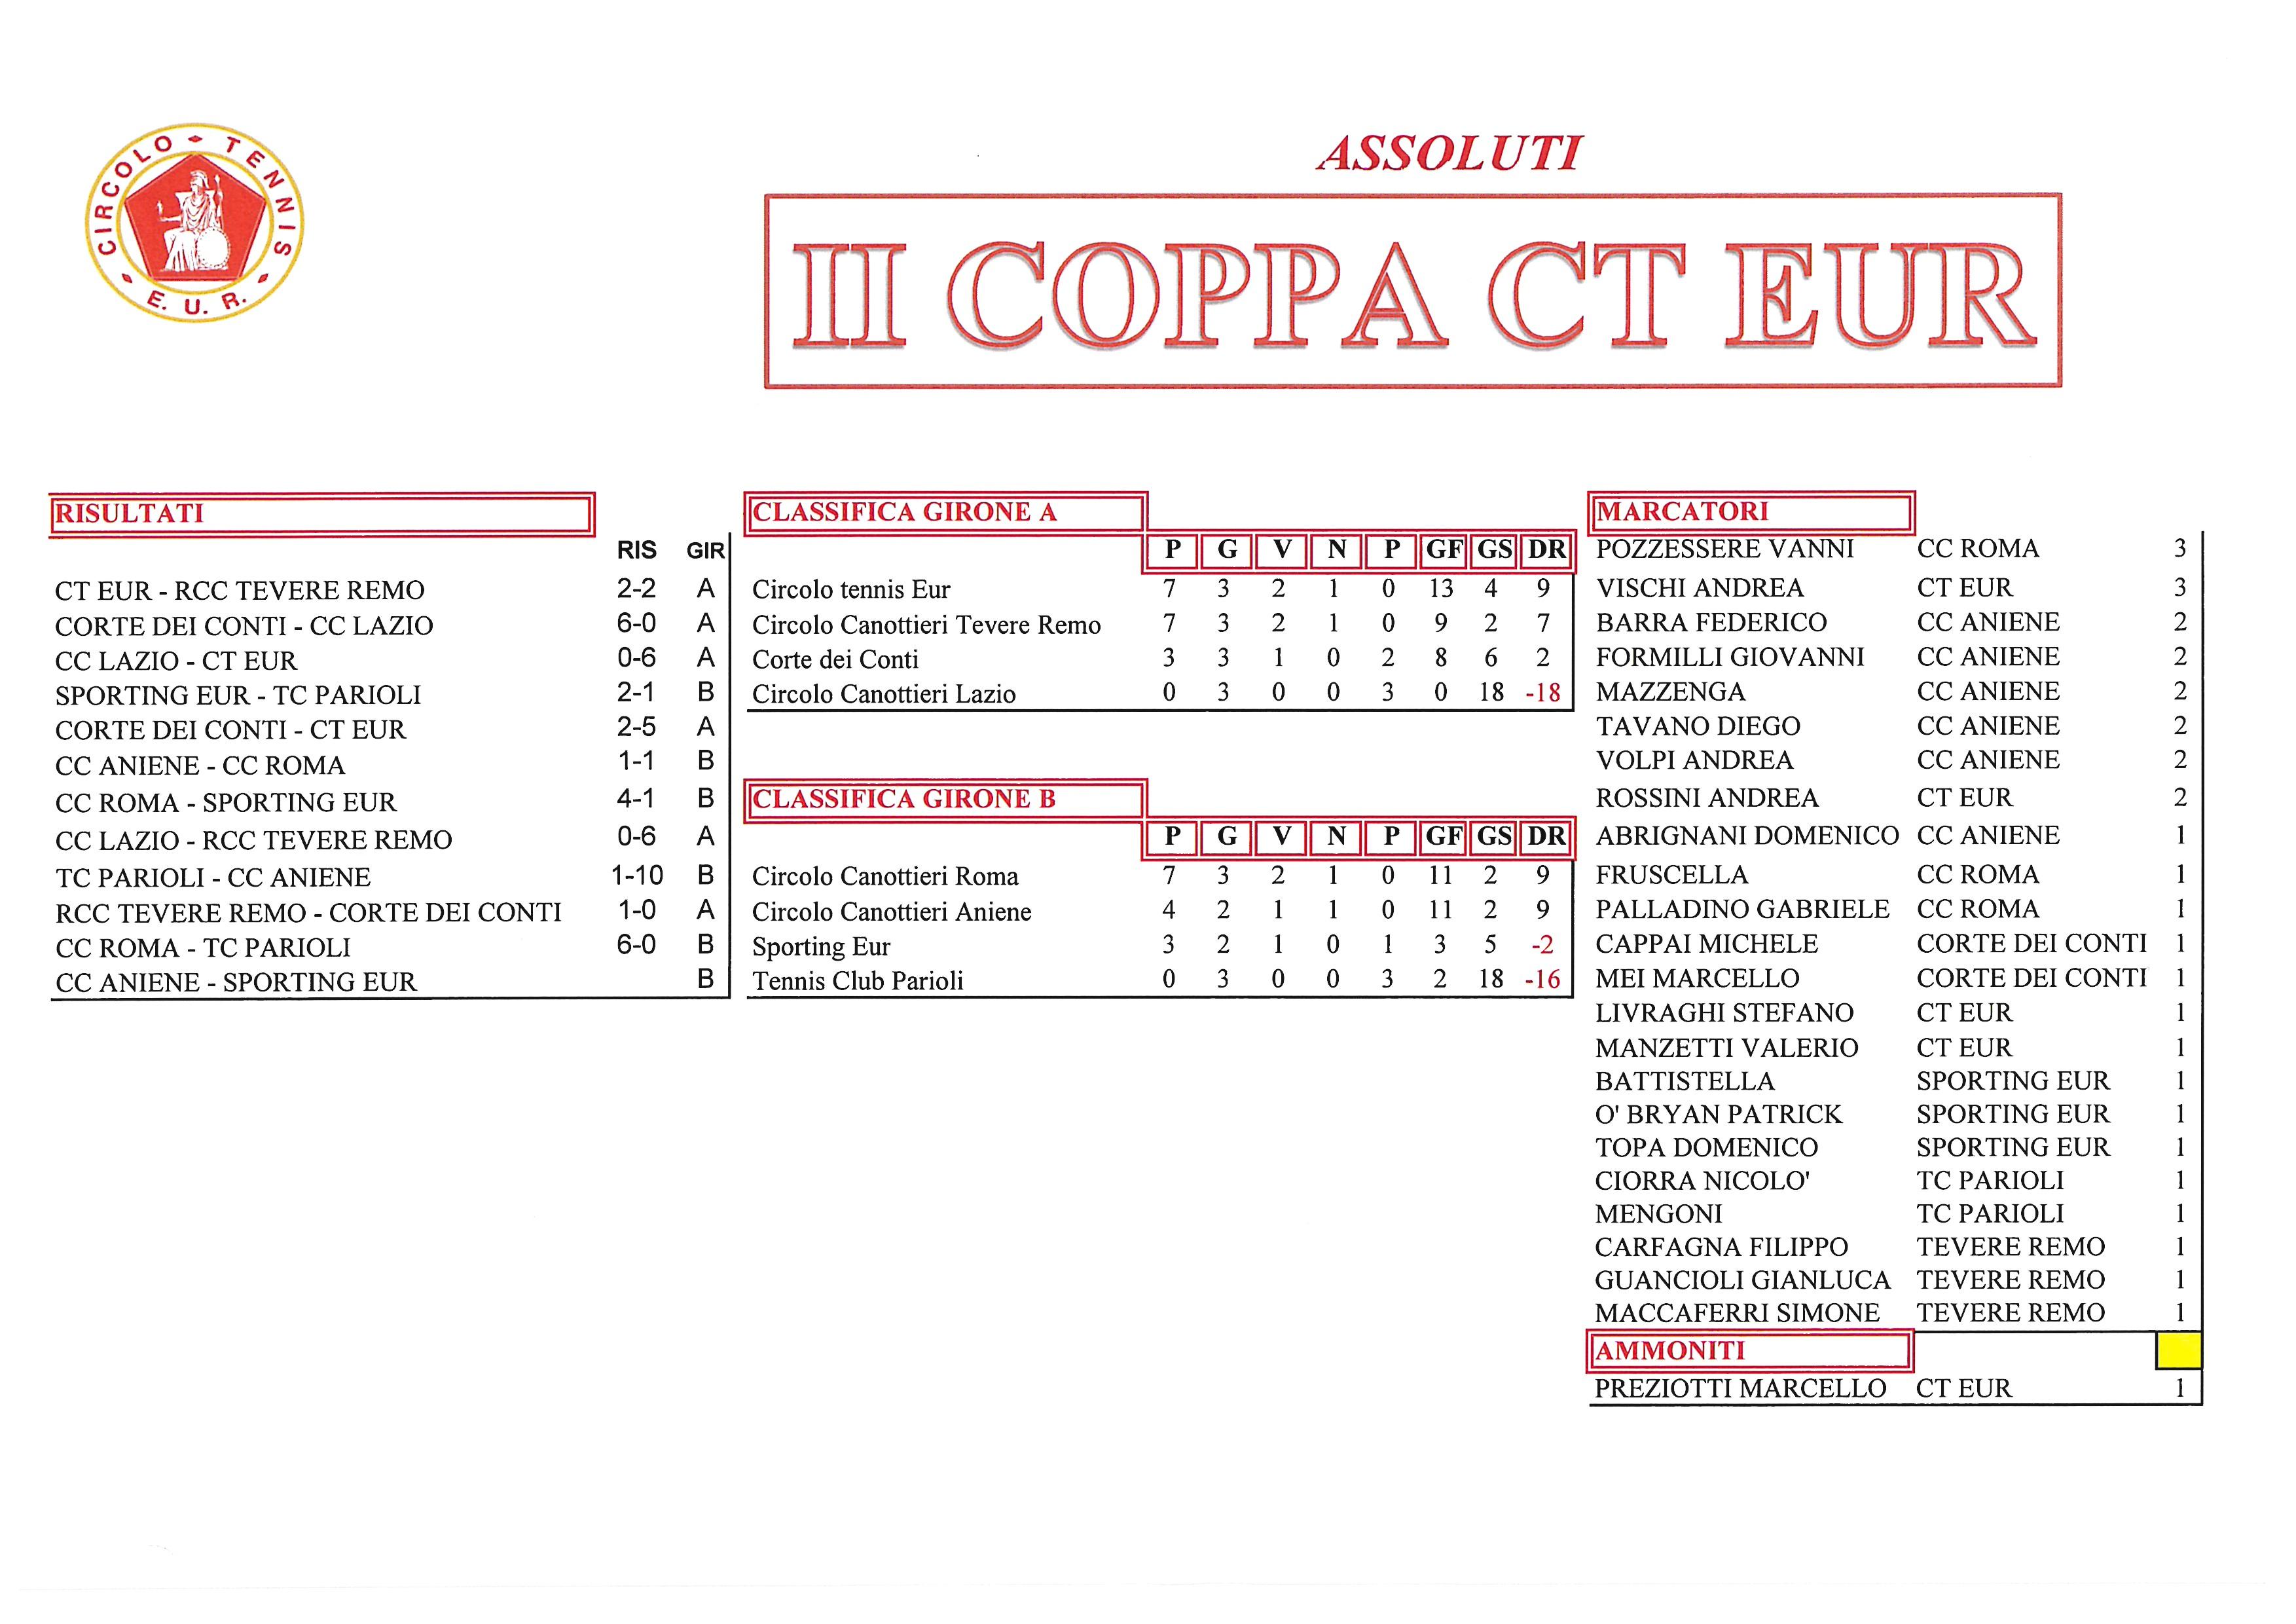 Coppa CT Eur risultati del 5 ottobre 2017 Assoluti